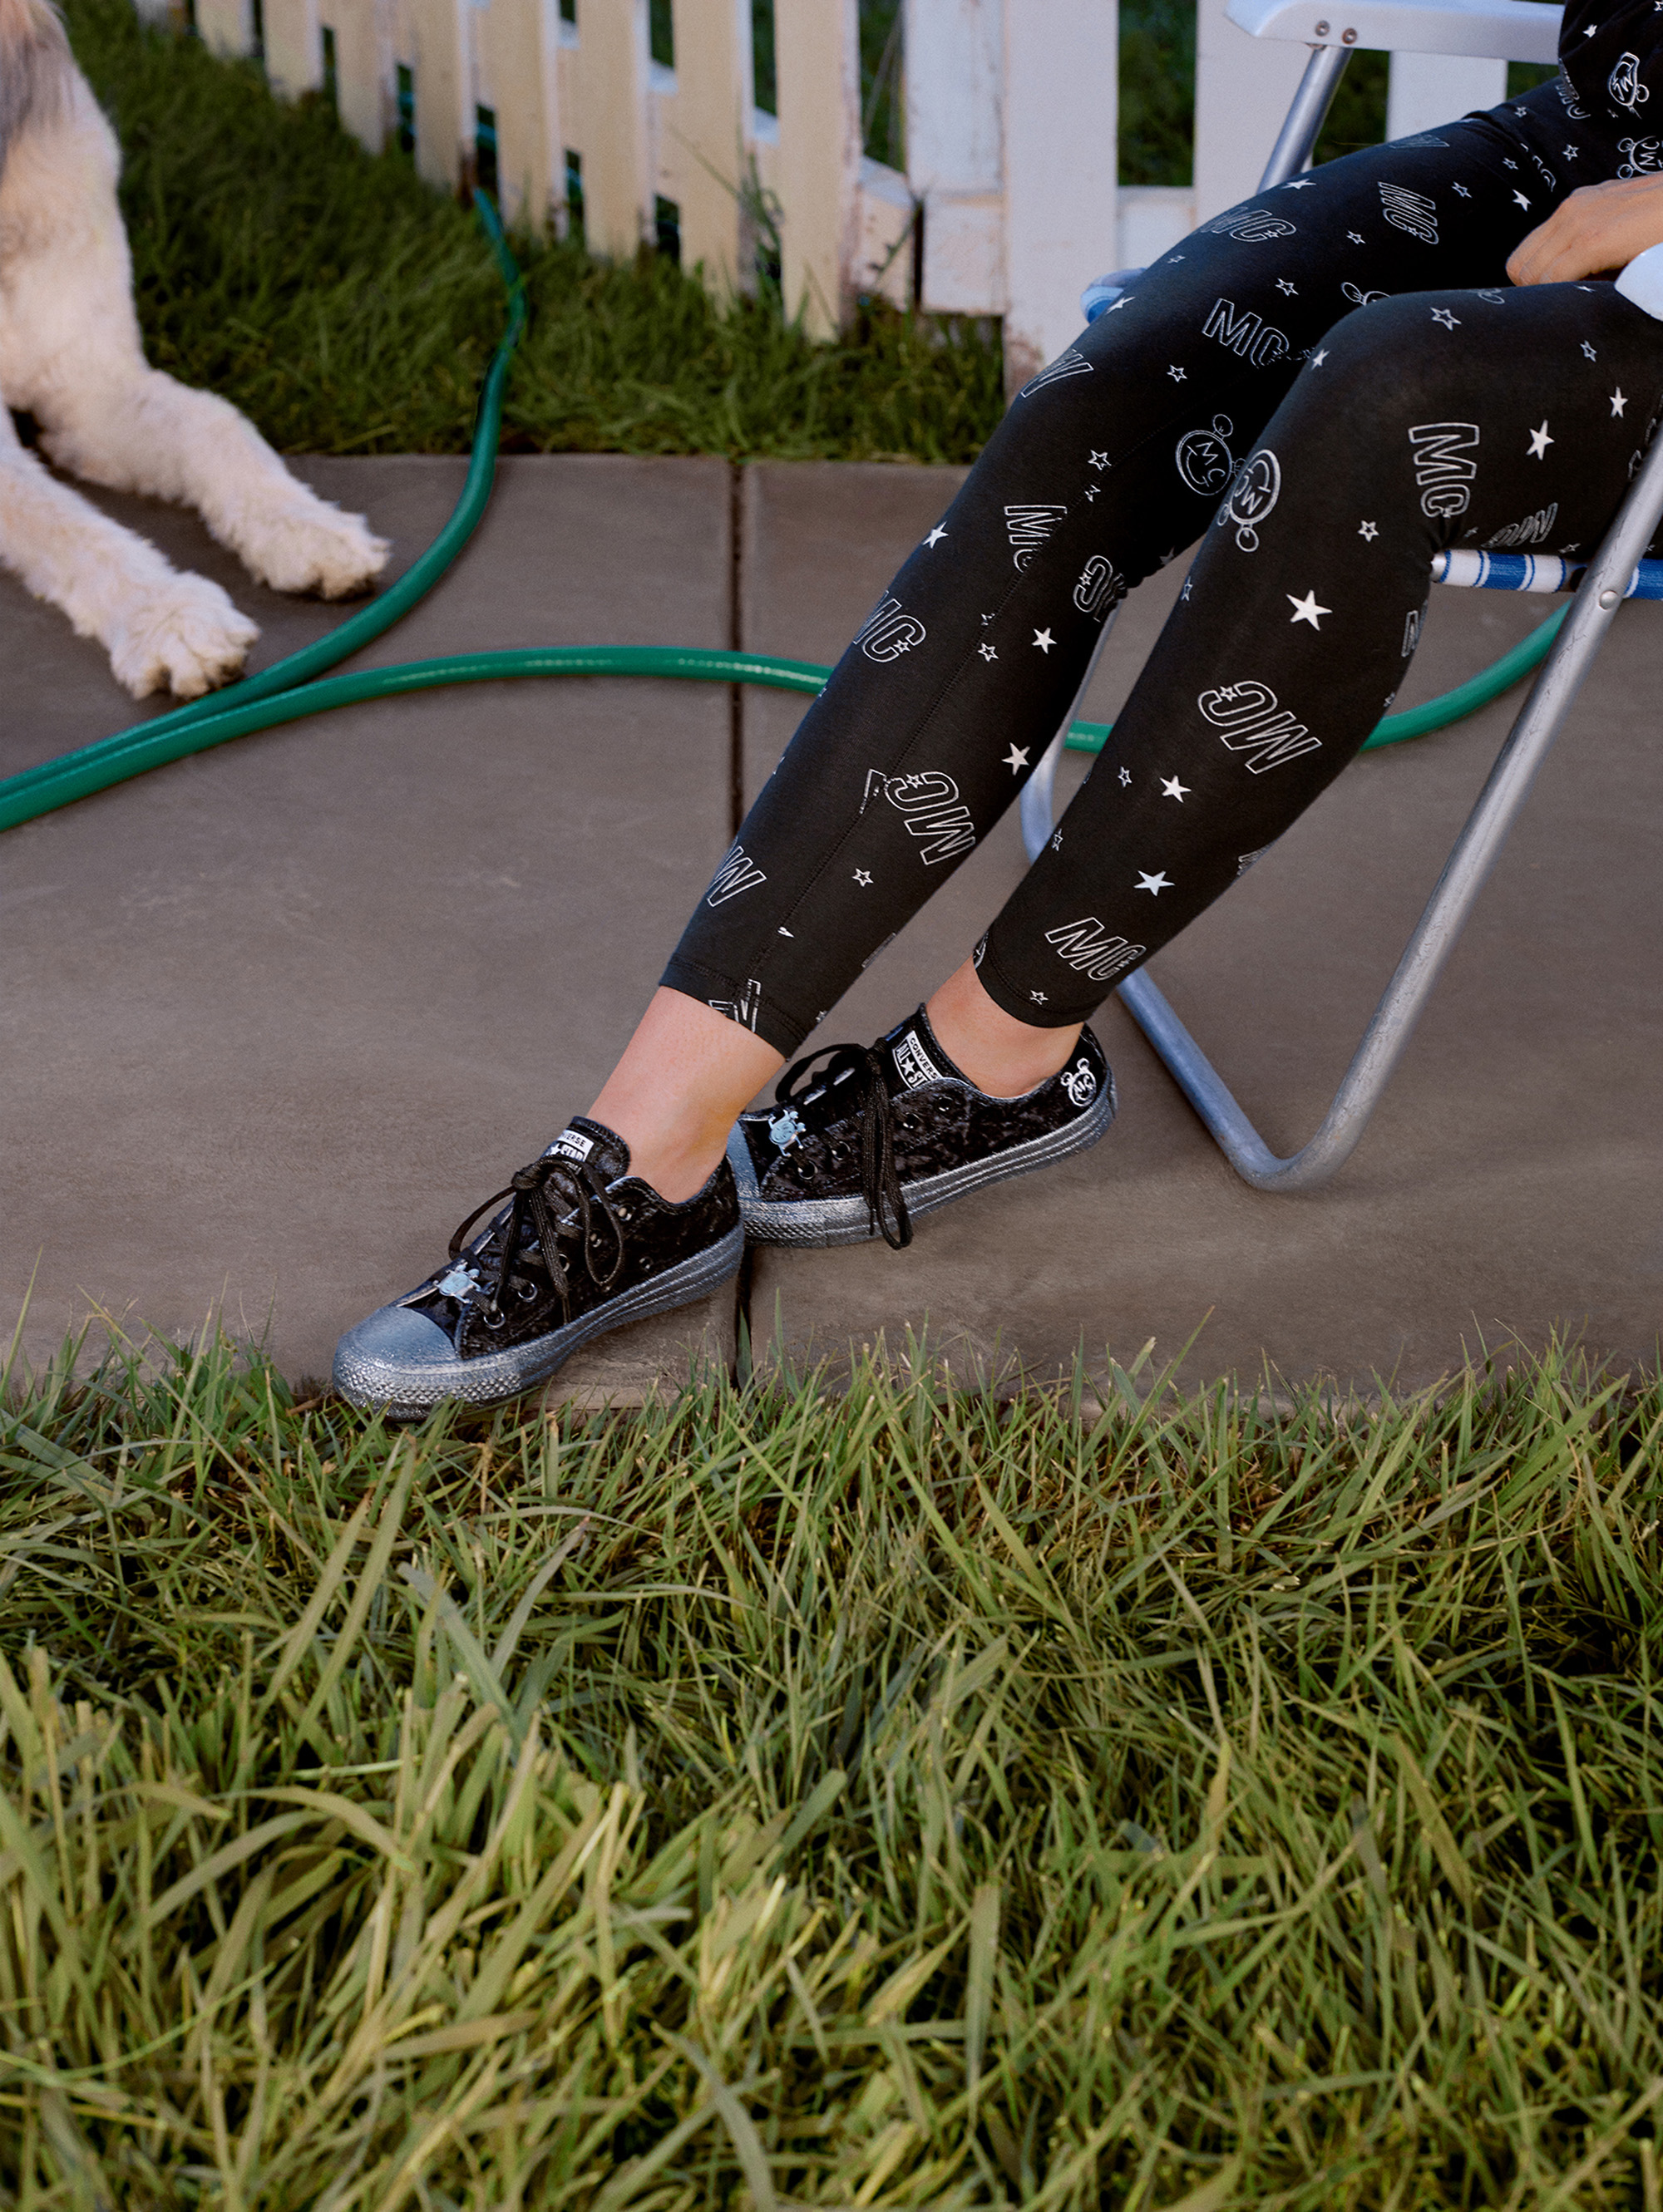 Converse bắt tay ca sĩ Miley Cyrus cho ra mắt BST Incubate trong mùa HO18 8